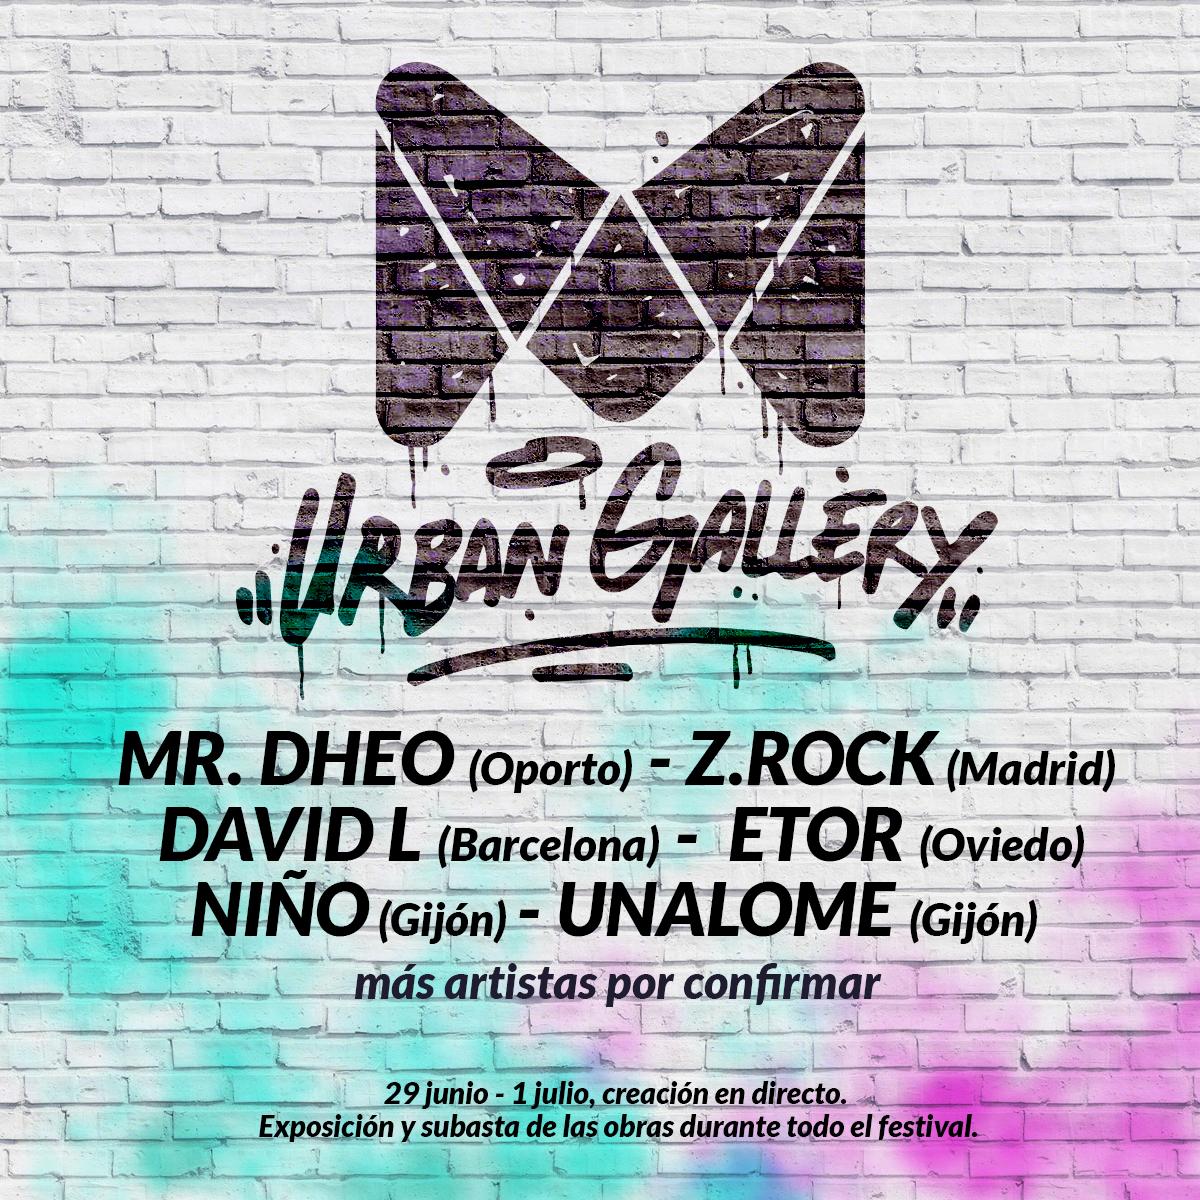 urban gallery publi presentacion